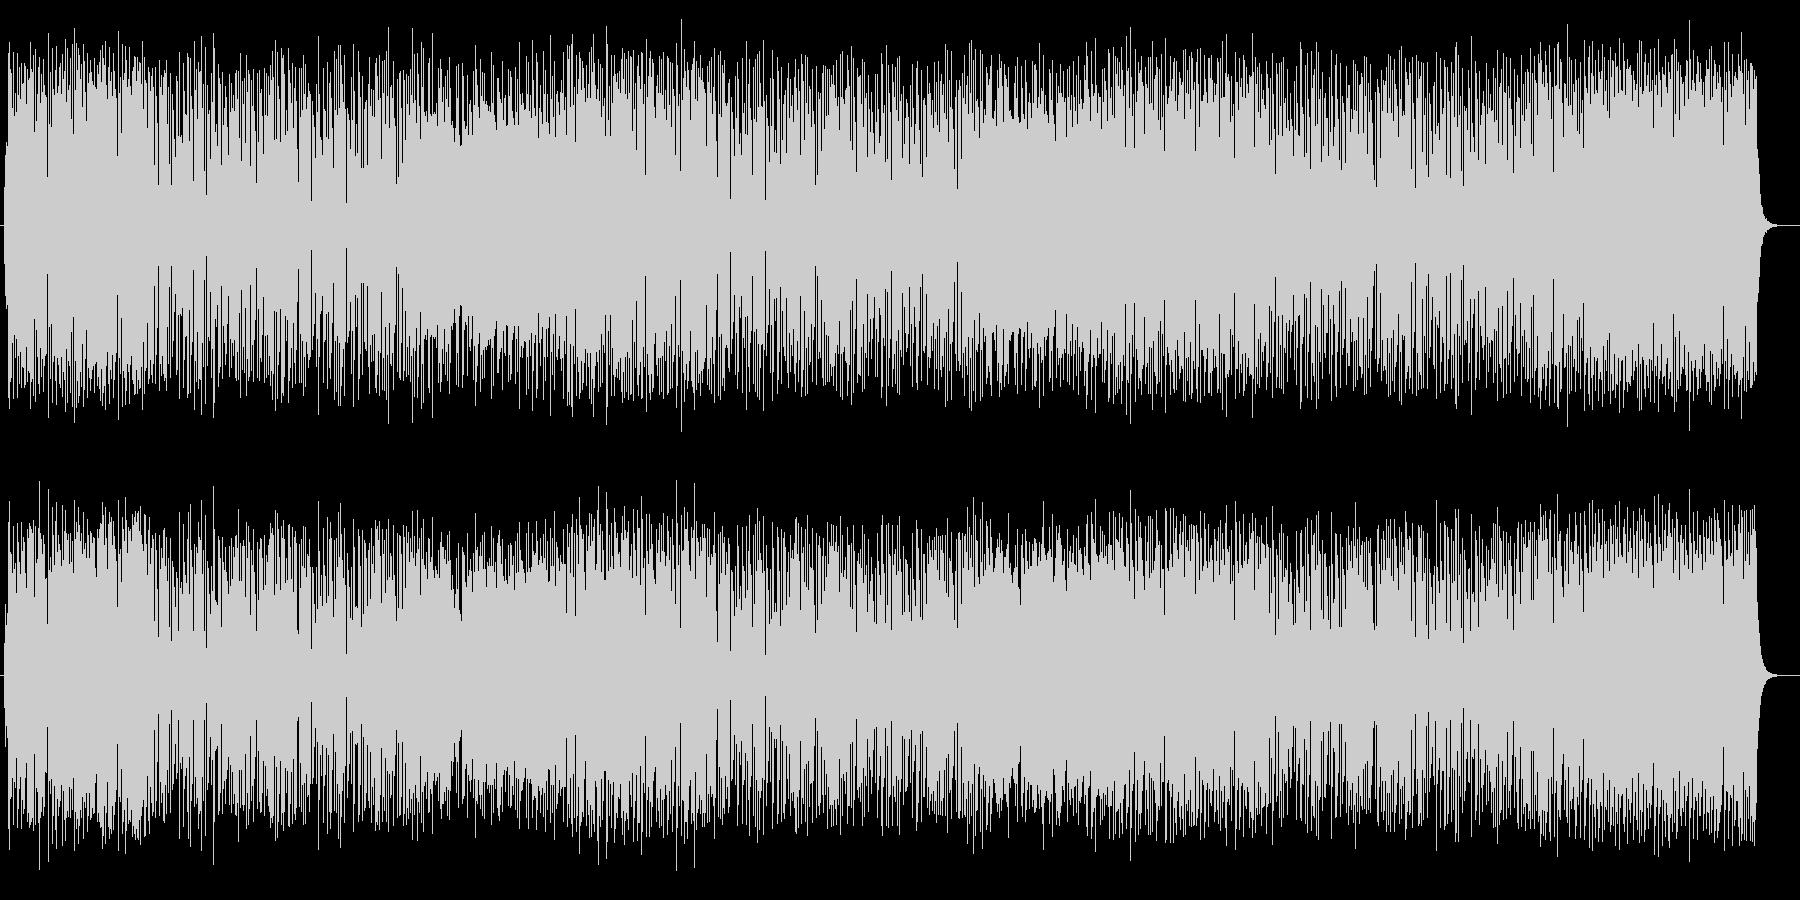 楽しい雰囲気のピアノポップスの未再生の波形